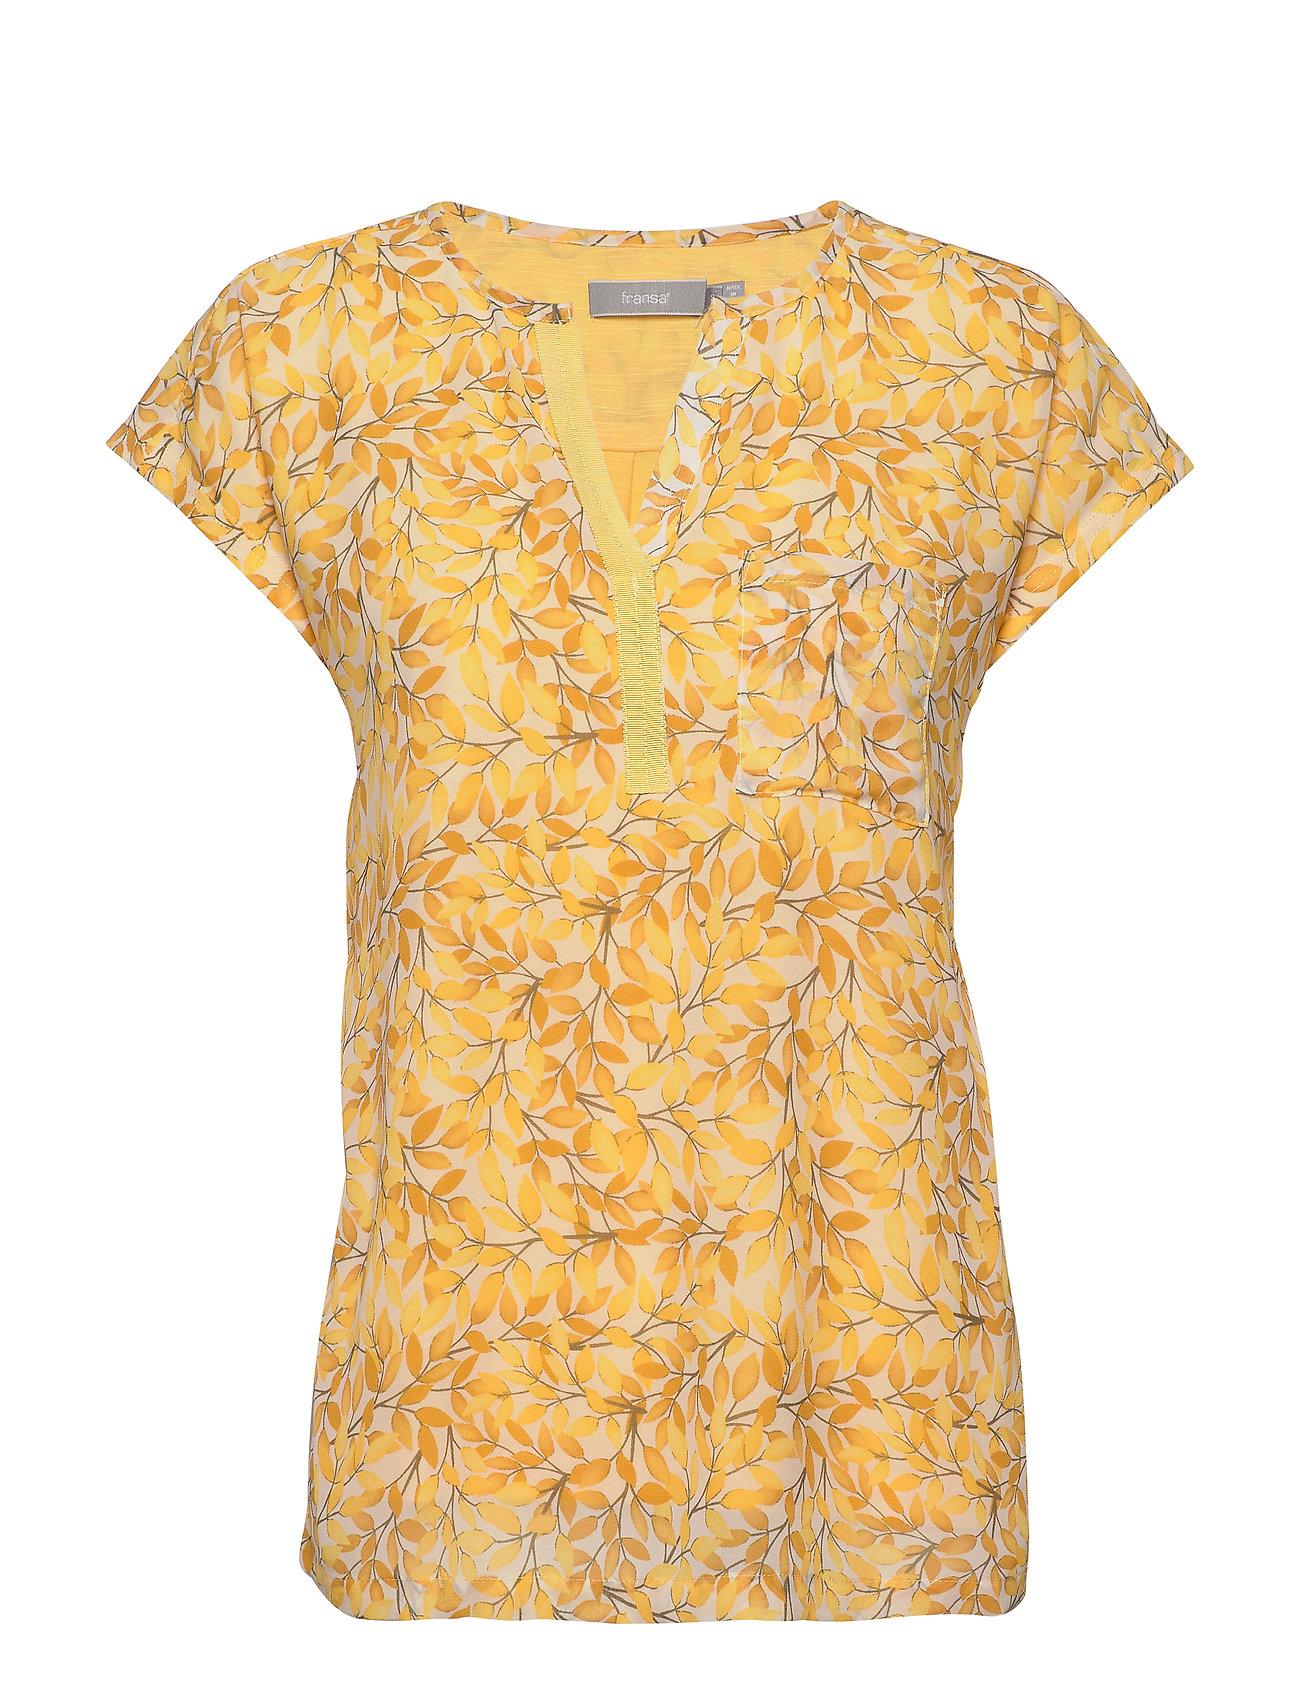 Image of Zawov 8 Top Blouses Short-sleeved Gul Fransa (3411924523)